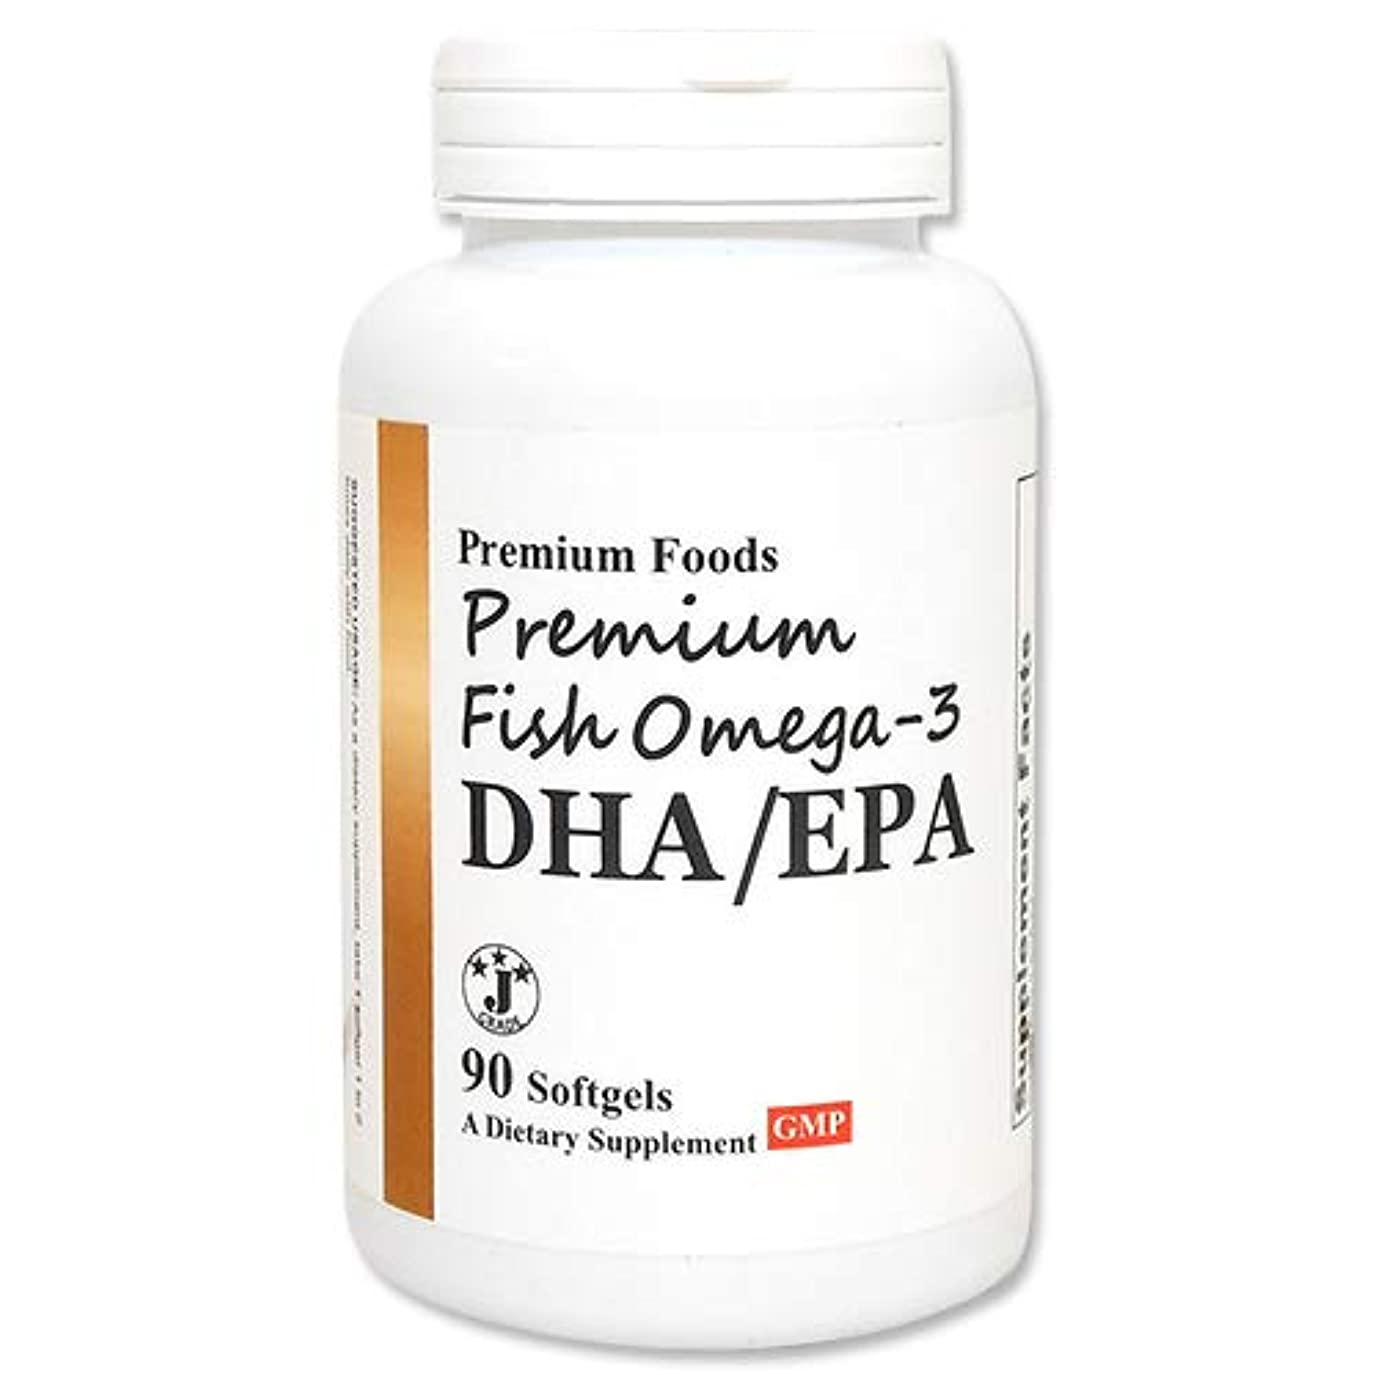 宿ビル硫黄プレミアム フィッシュオメガ-3(DHA/EPA) 90粒 [海外直送品]